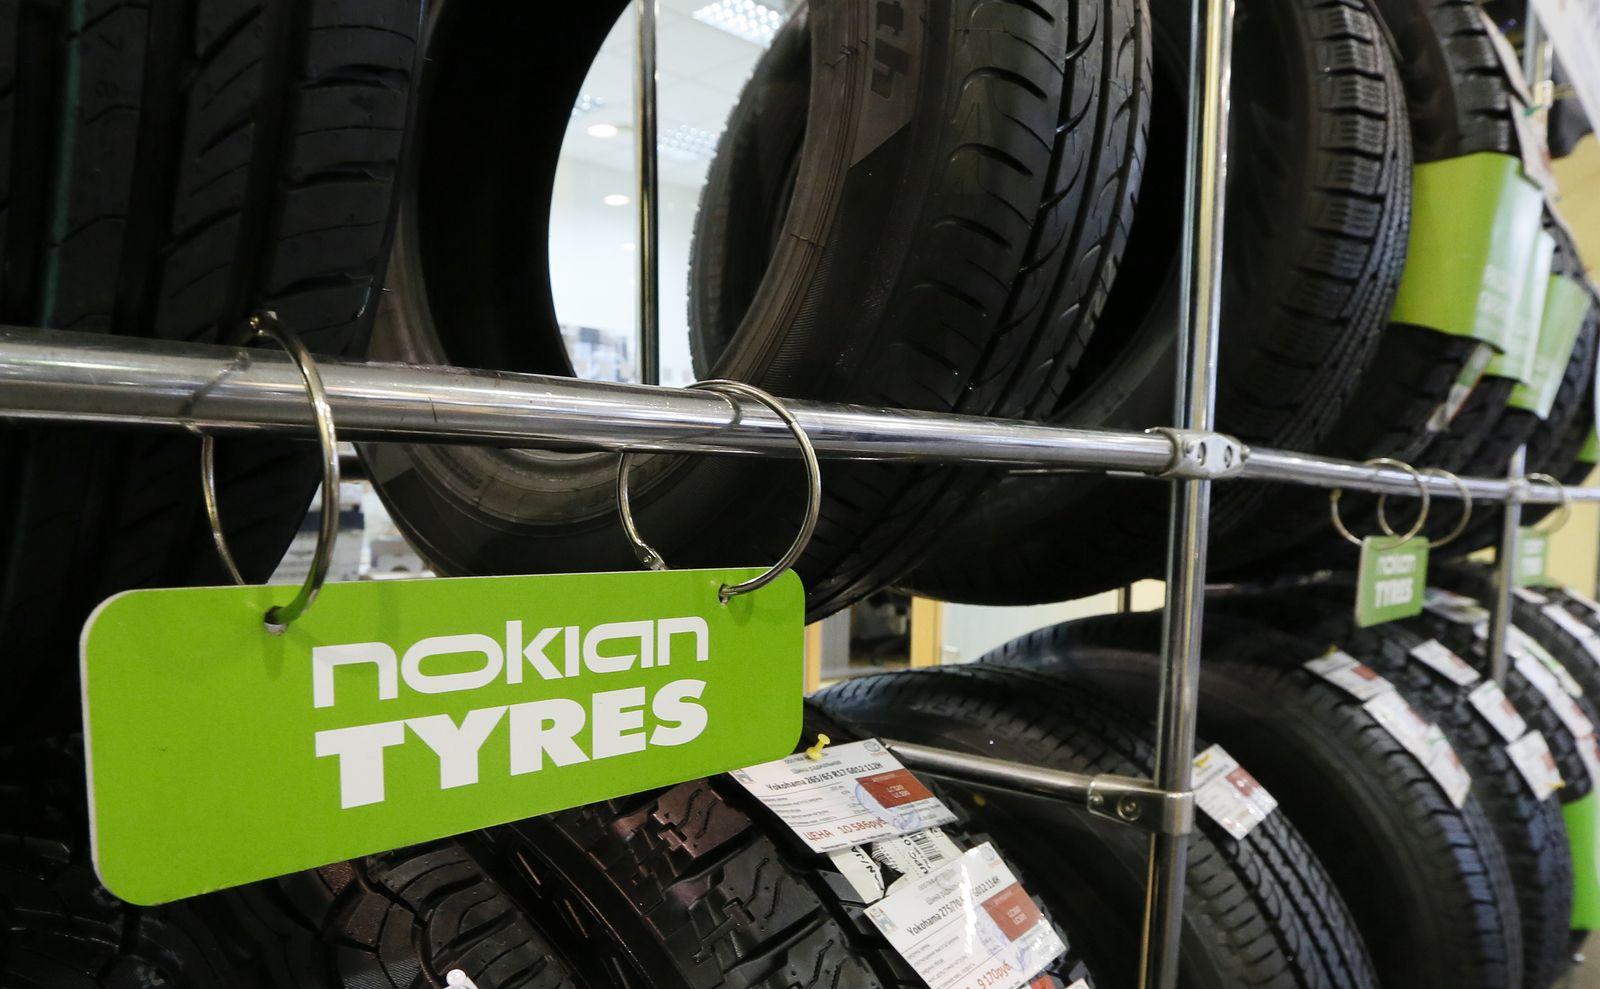 Nokian / Reifen